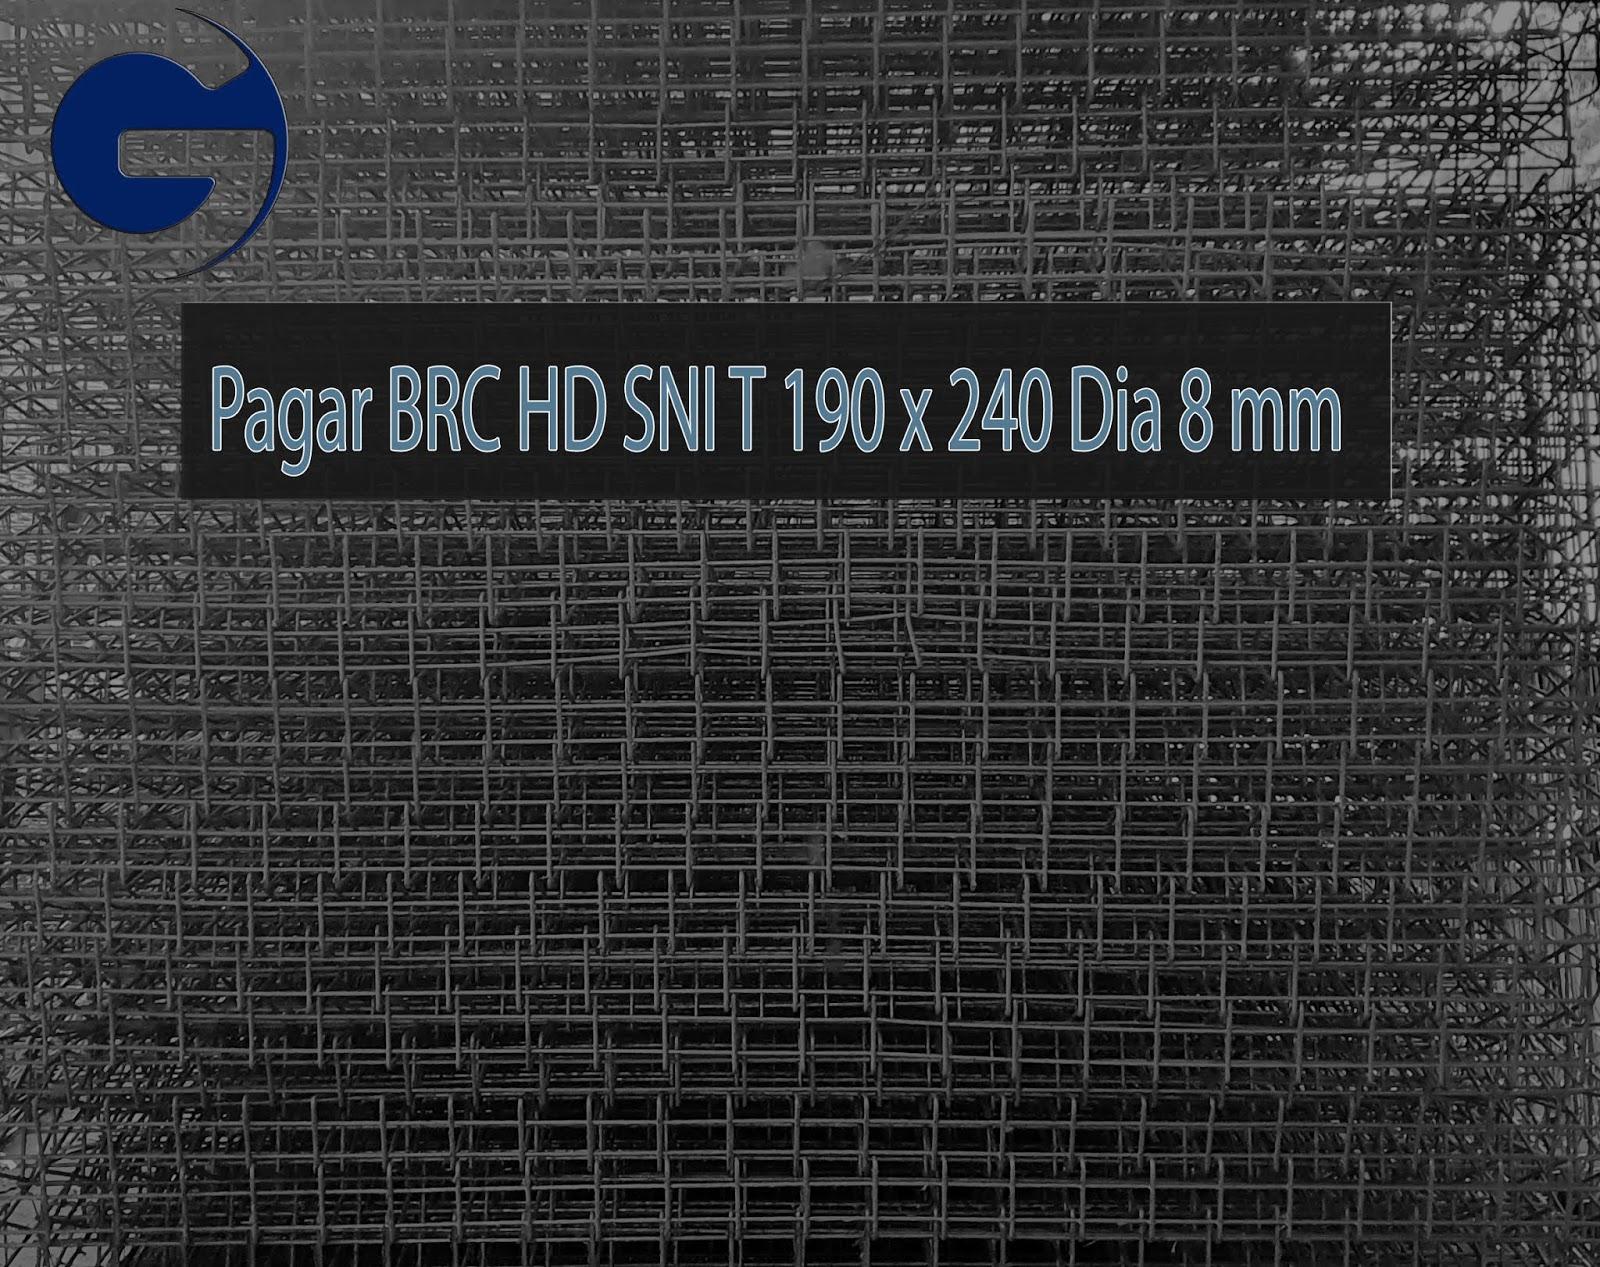 Jual pagar BRC HD SNI T 190 x 240 Dia 8 mm